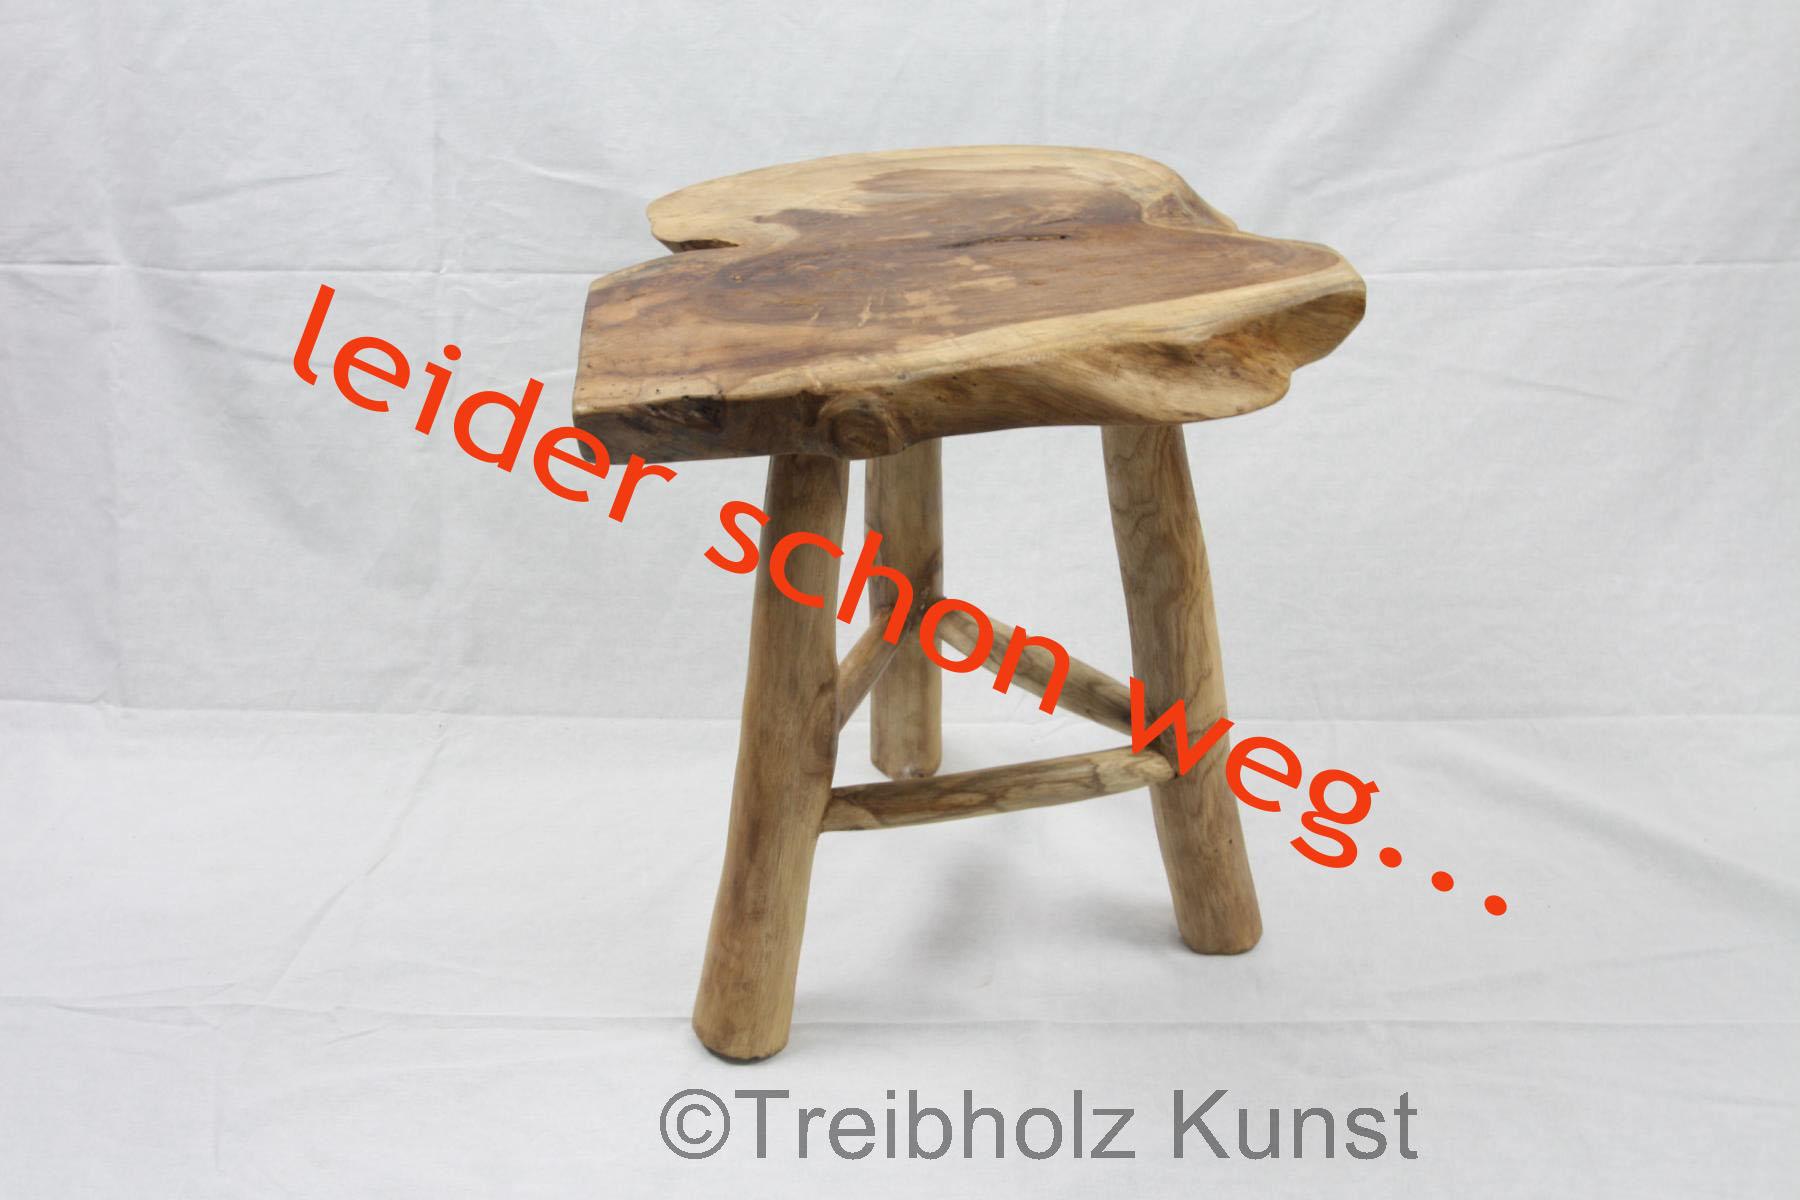 treibholz tisch - www.treibholz-bodensee.de - schwemmholz tisch